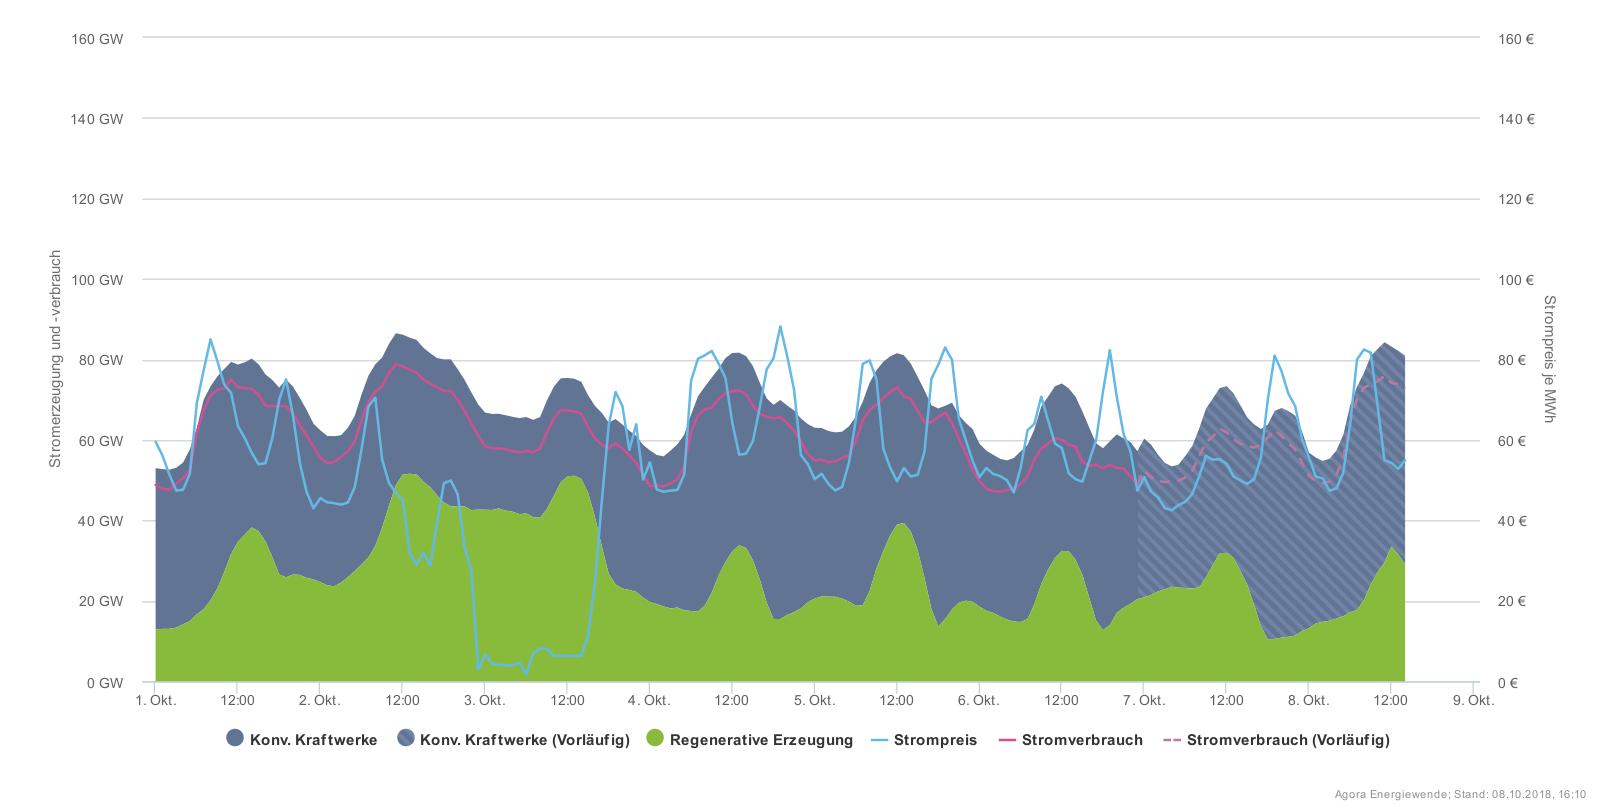 Vysoké ceny dováženého černého uhlí a plynu i nárůst ceny povolenek přispěl k značnému růstu cen silové elektřiny na trhu, která se teď v různých fázích denního diagramu pohybuje mezi 50 až 80 EUR/MWh. V okamžiku, kdy však začne ideálně foukat, klesne cena k nule nebo dokonce do záporných hodnot. (Zdroj Agora)